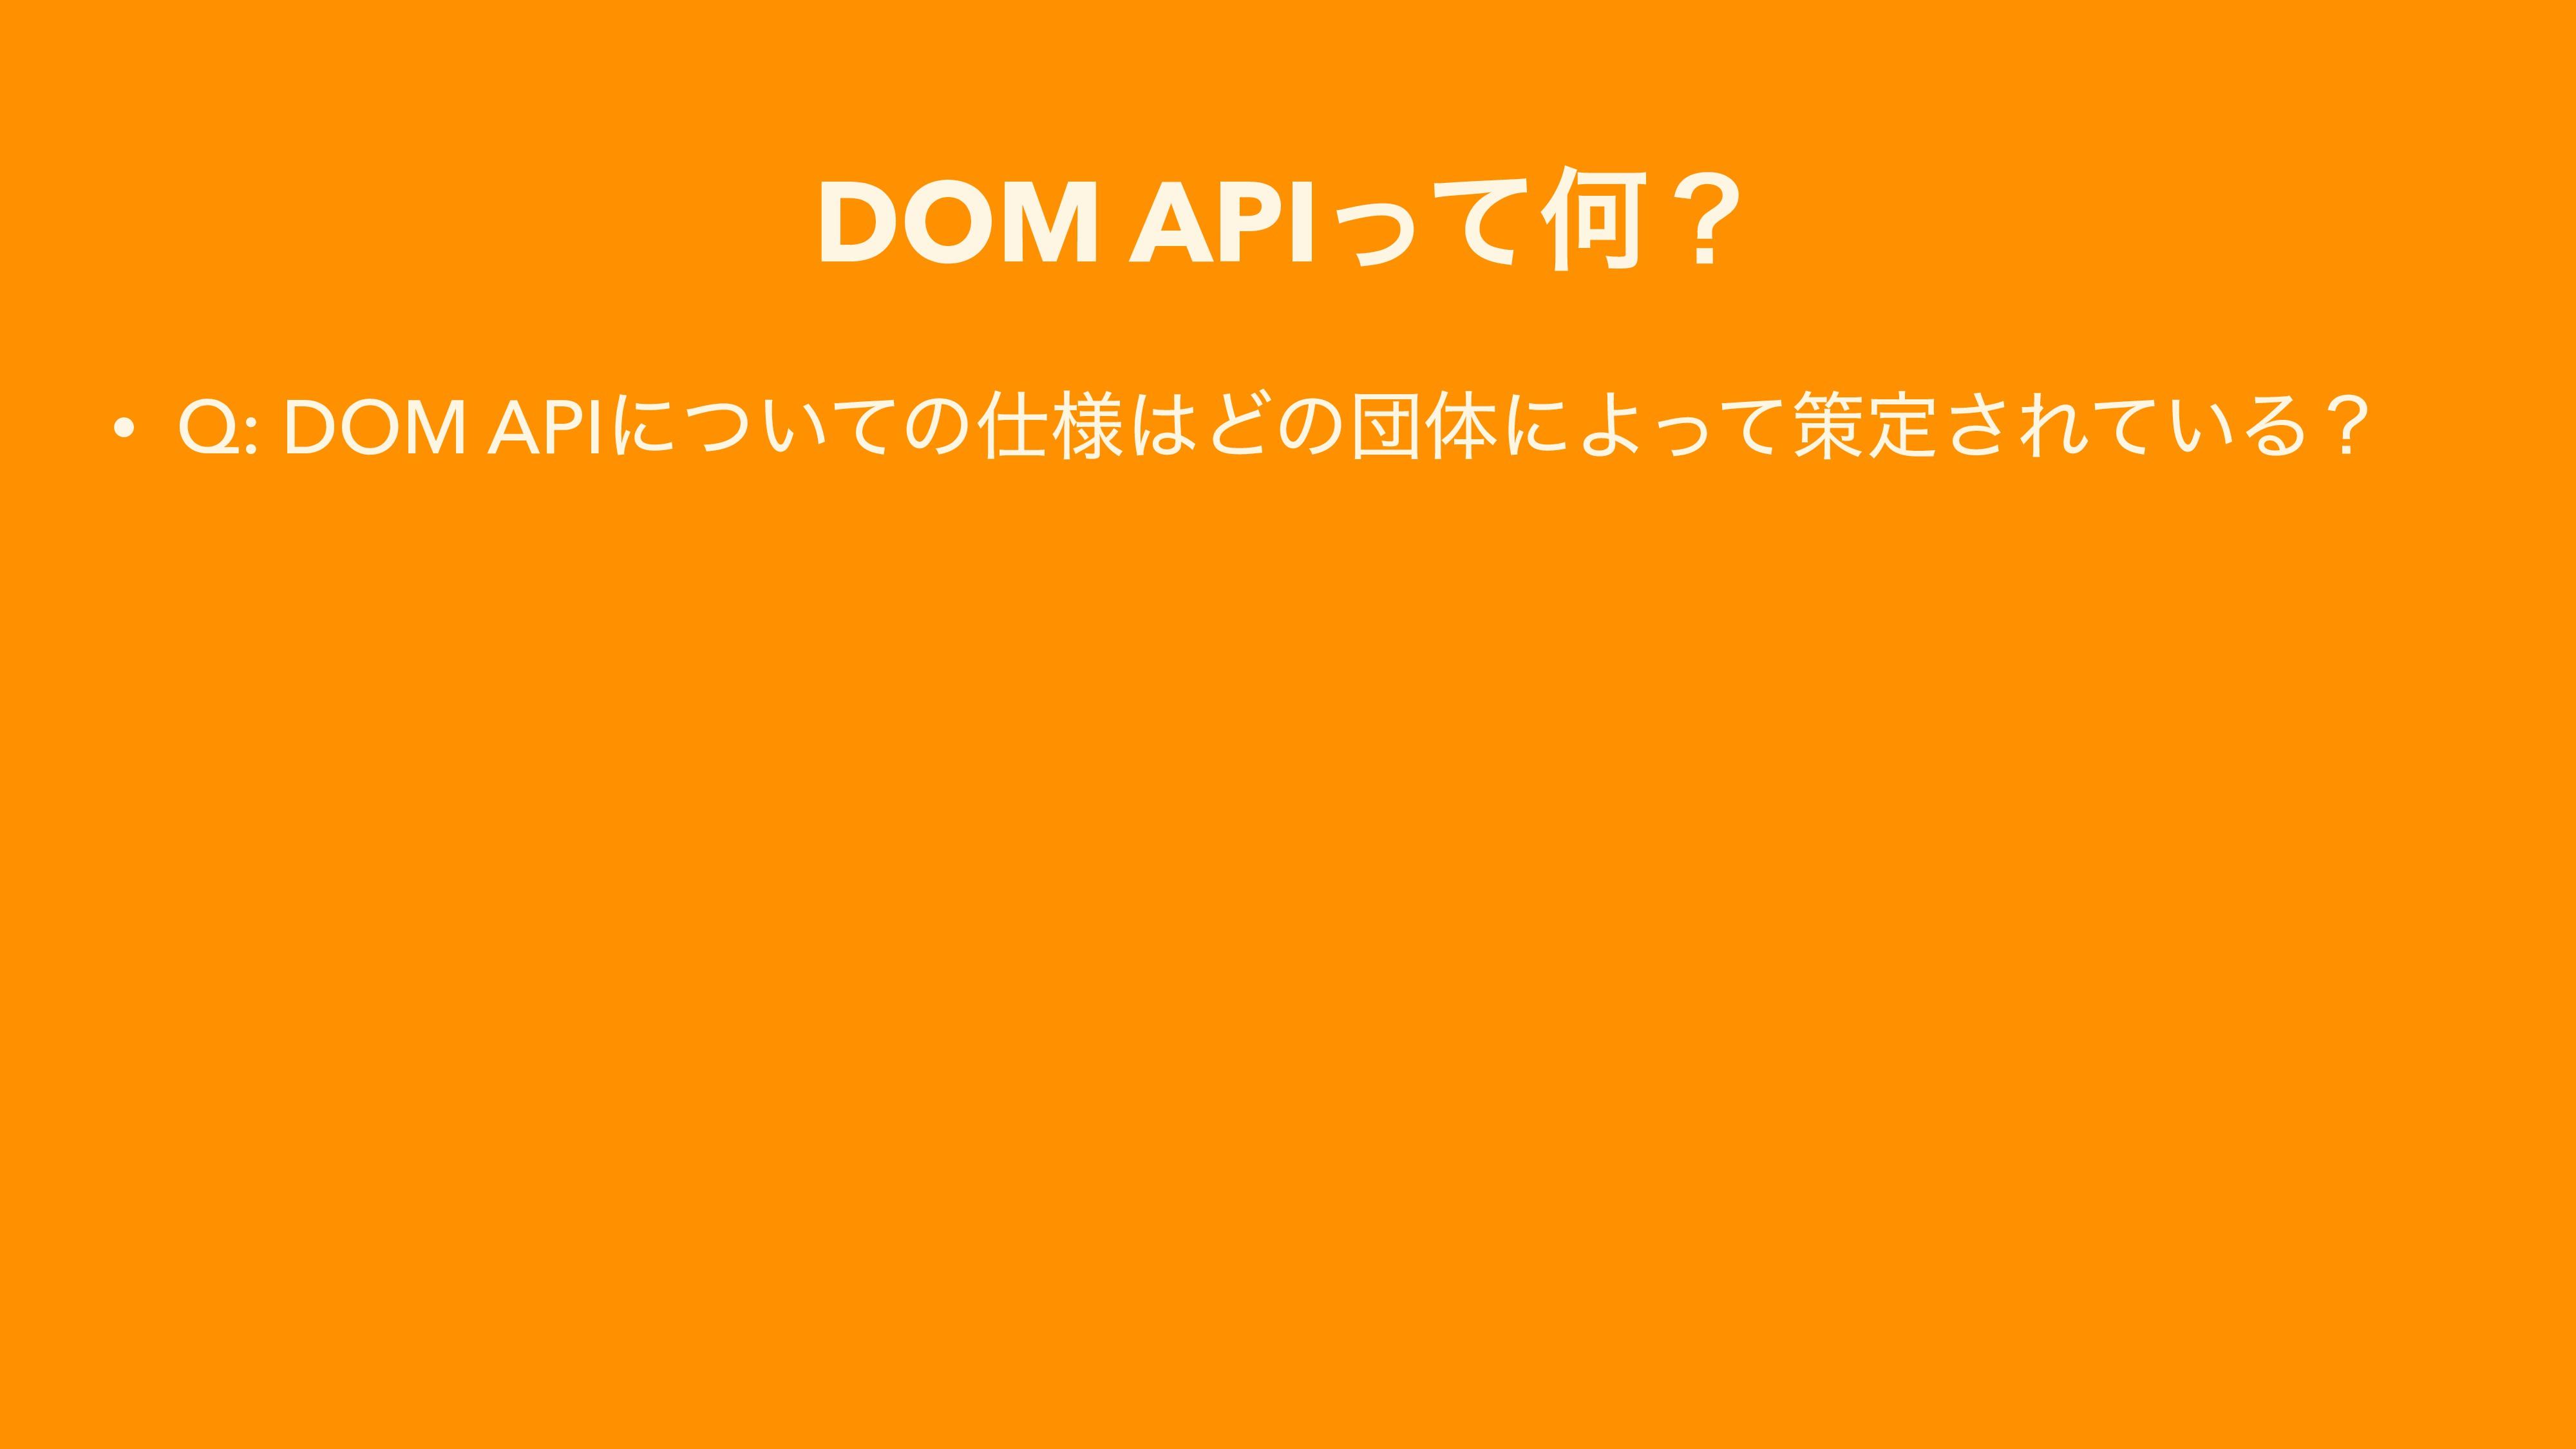 DOM APIͬͯԿʁ • Q: DOM APIʹ͍ͭͯͷ༷ͲͷஂମʹΑͬͯࡦఆ͞Ε͍ͯΔʁ